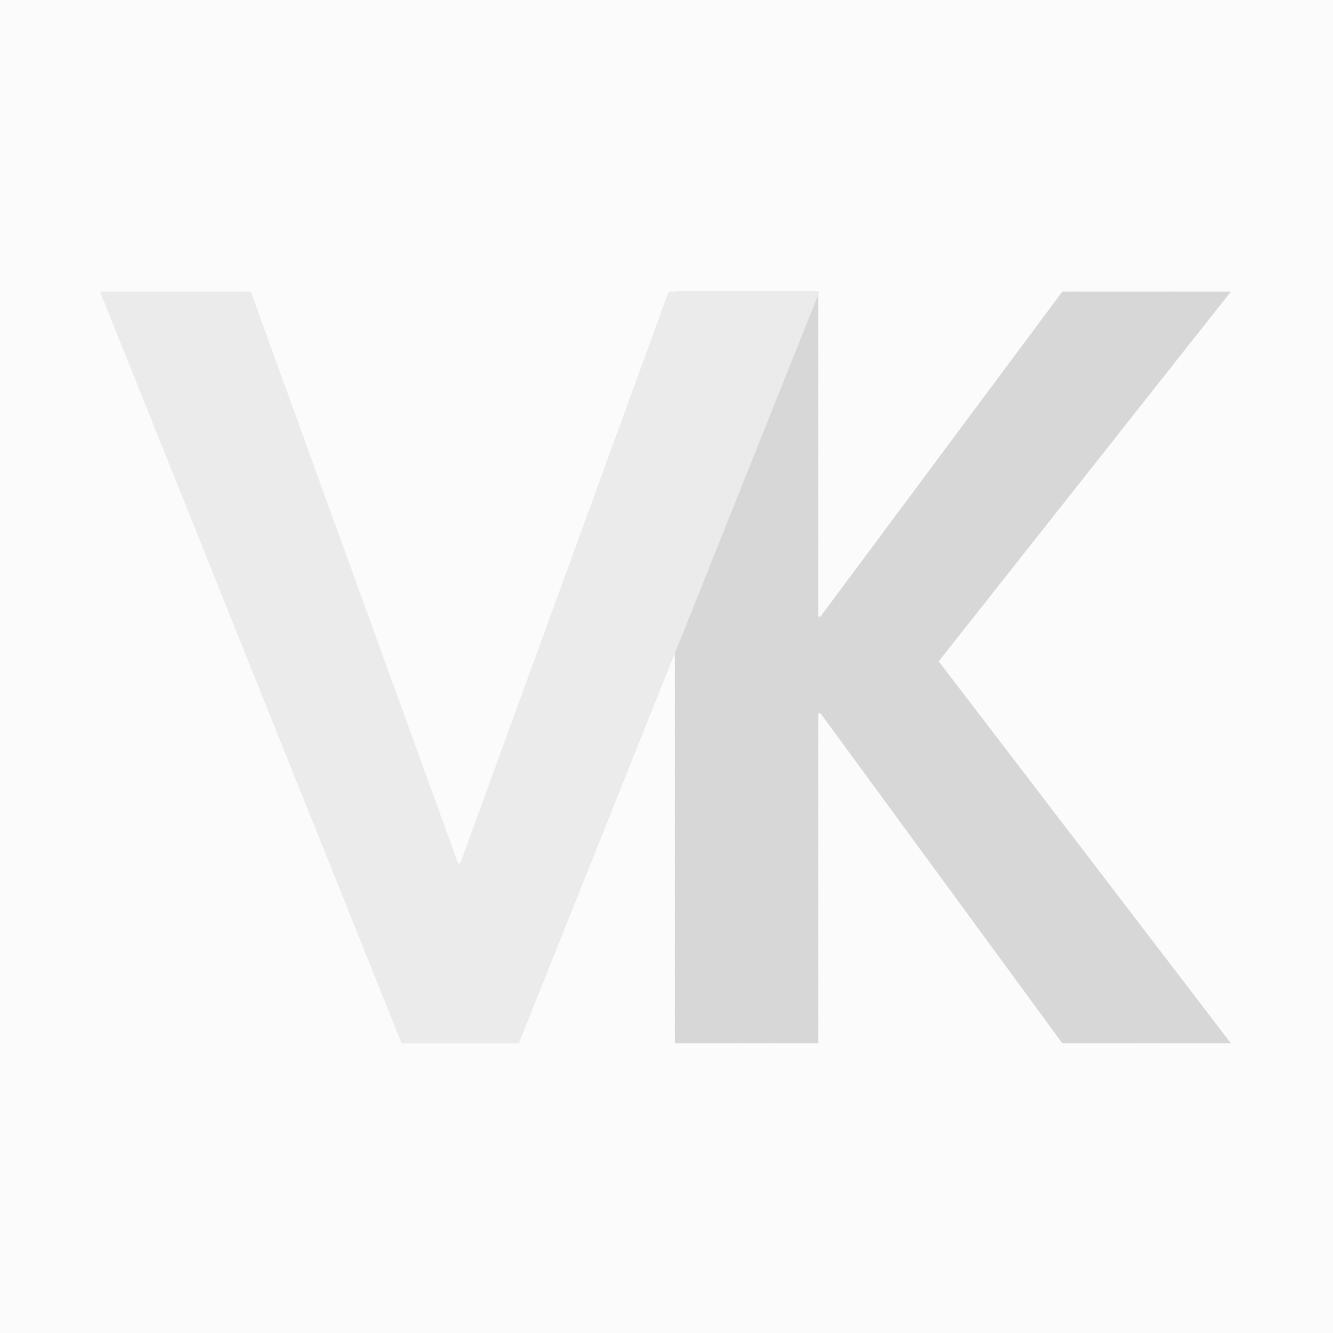 Kyone 1500L Left Kappersschaar 5.5 Linkshandig